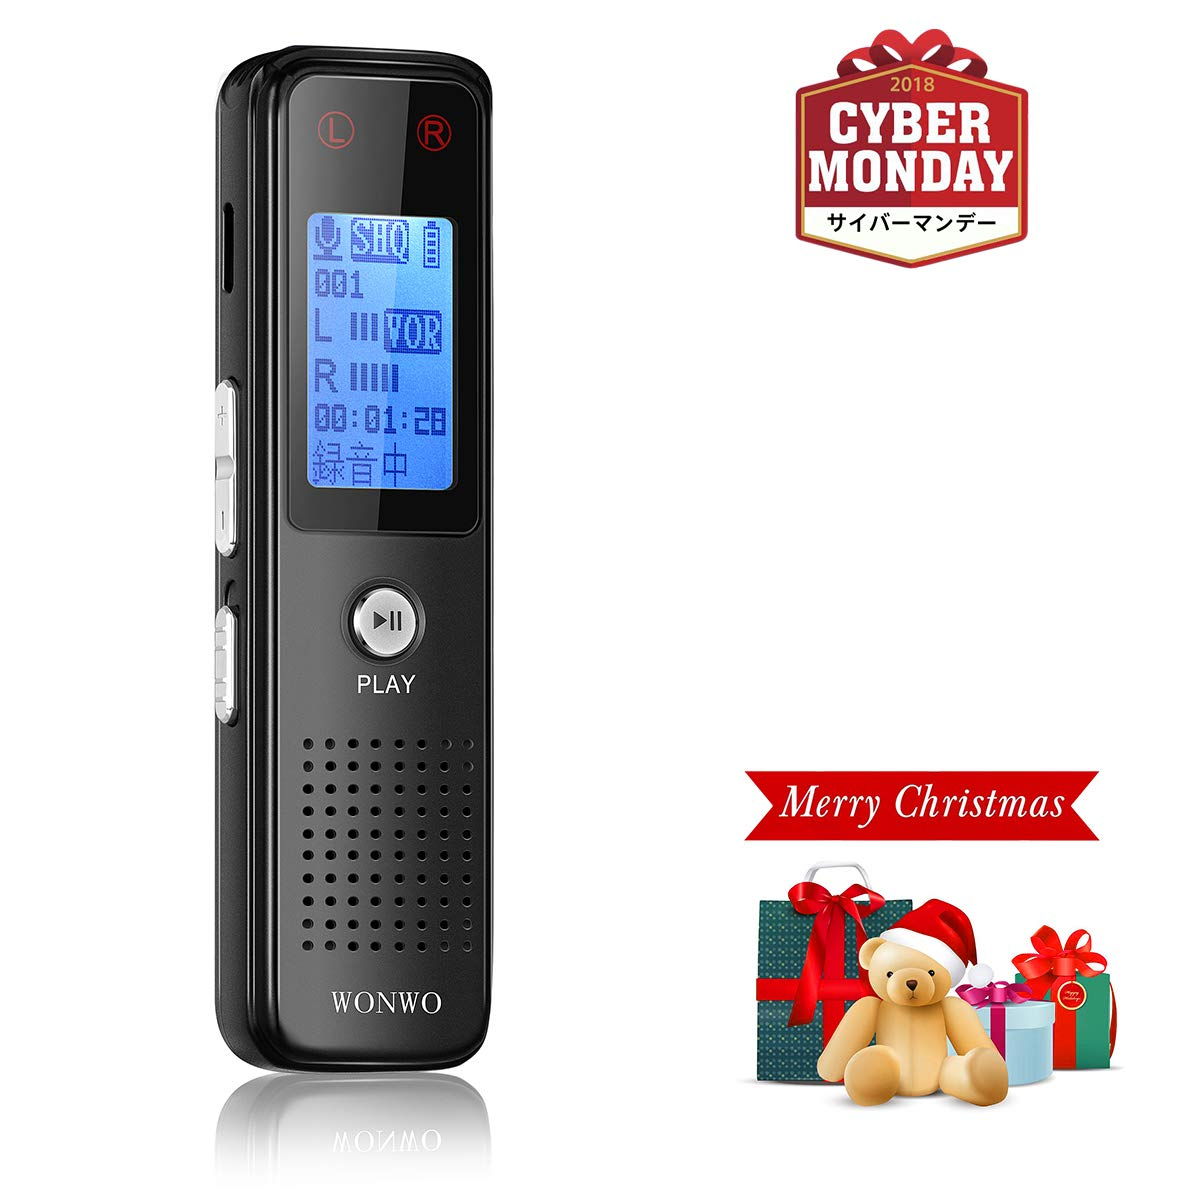 Wonwo ボイスレコーダー ICレコーダー 録音機 MP3プレーヤ USB充電対応 8GB 230mA長時間録音 内蔵スピーカー 高音質 軽量 操作簡単 超小型 持ち運び易い …